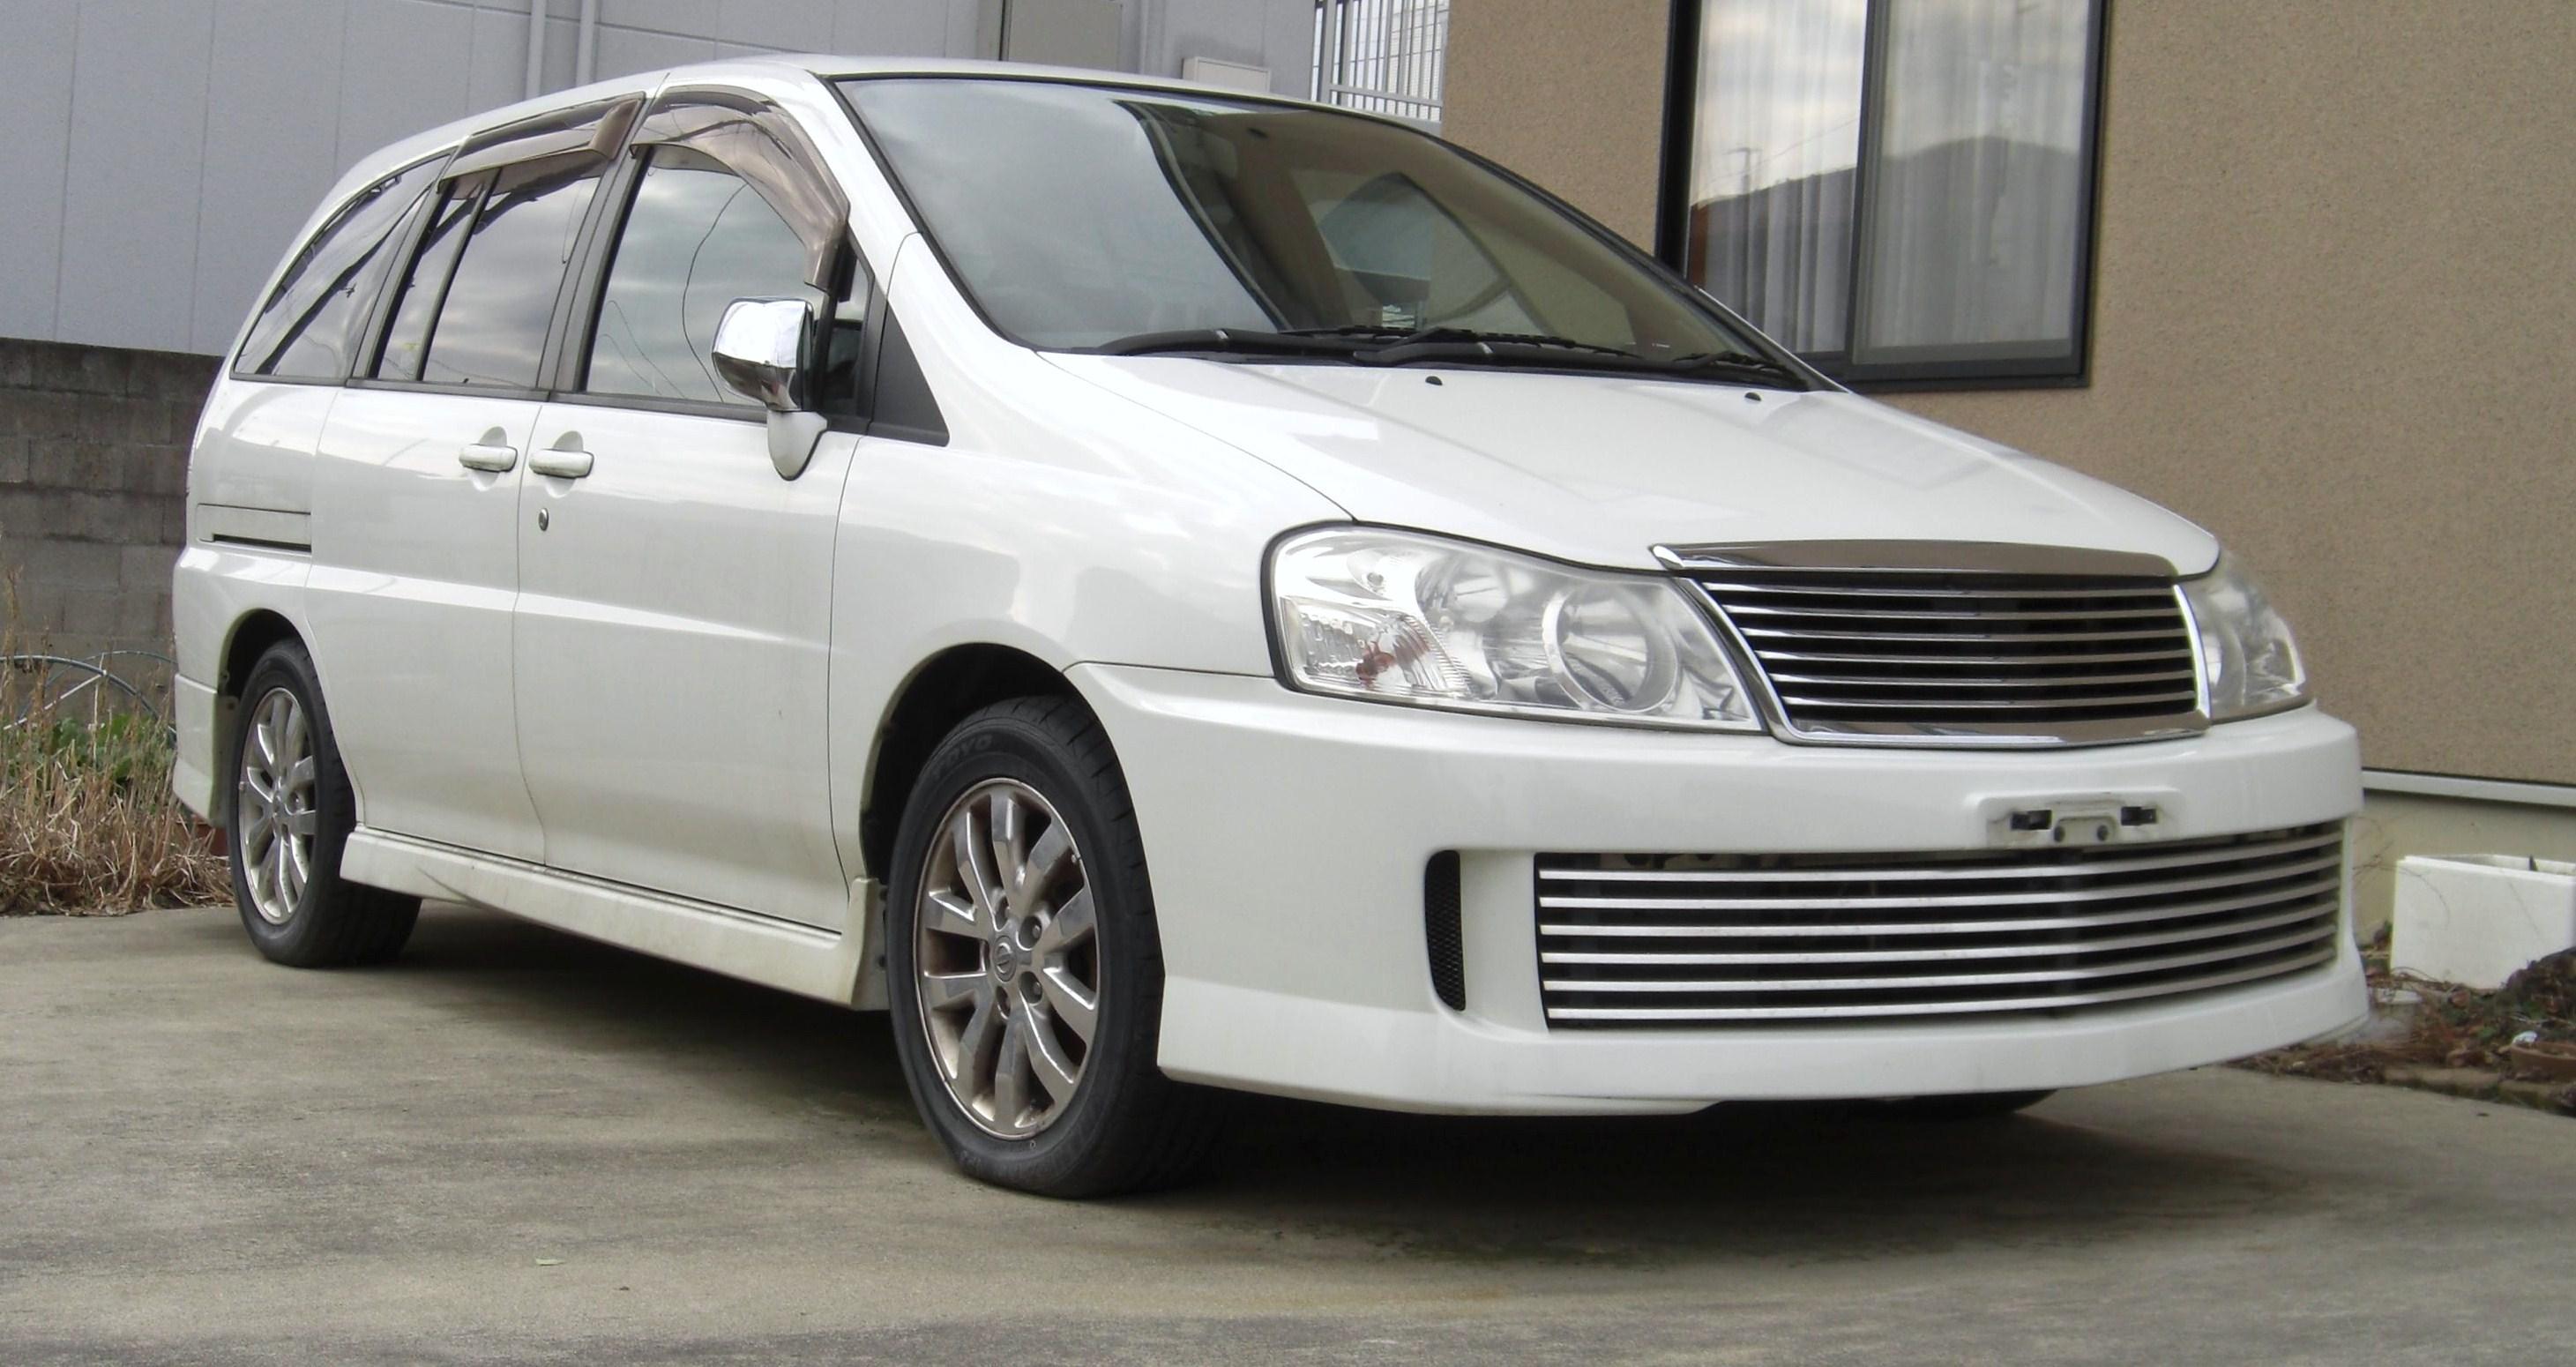 Nissan Liberty 1998 - 2004 Compact MPV #1